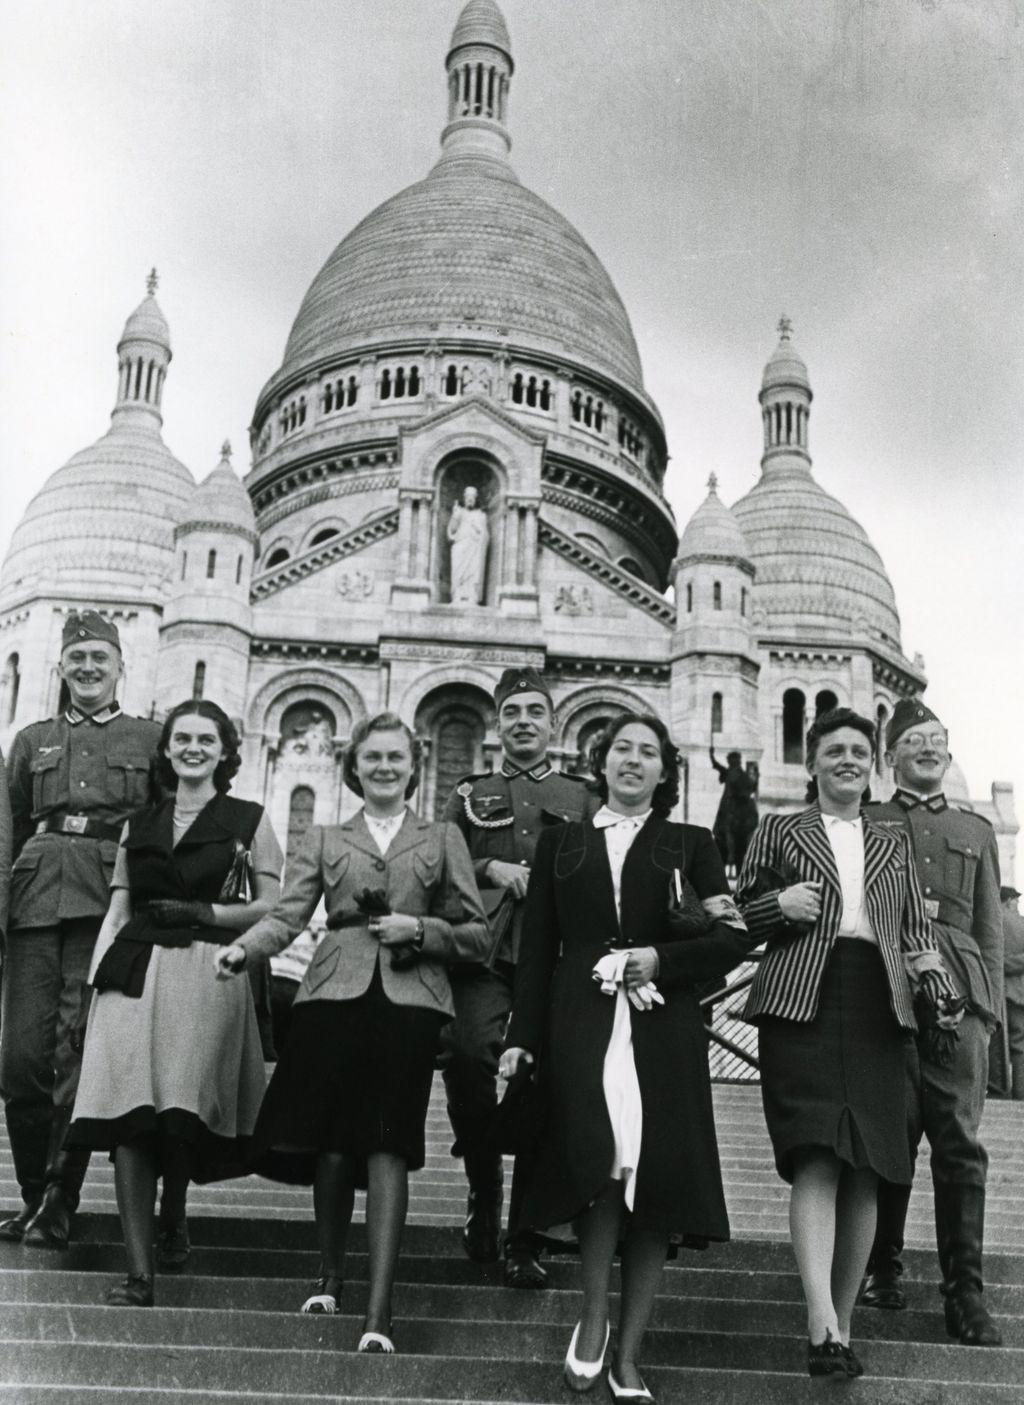 Lemo bestand objekt deutsche soldaten in paris 1940 - L eclat de verre paris ...